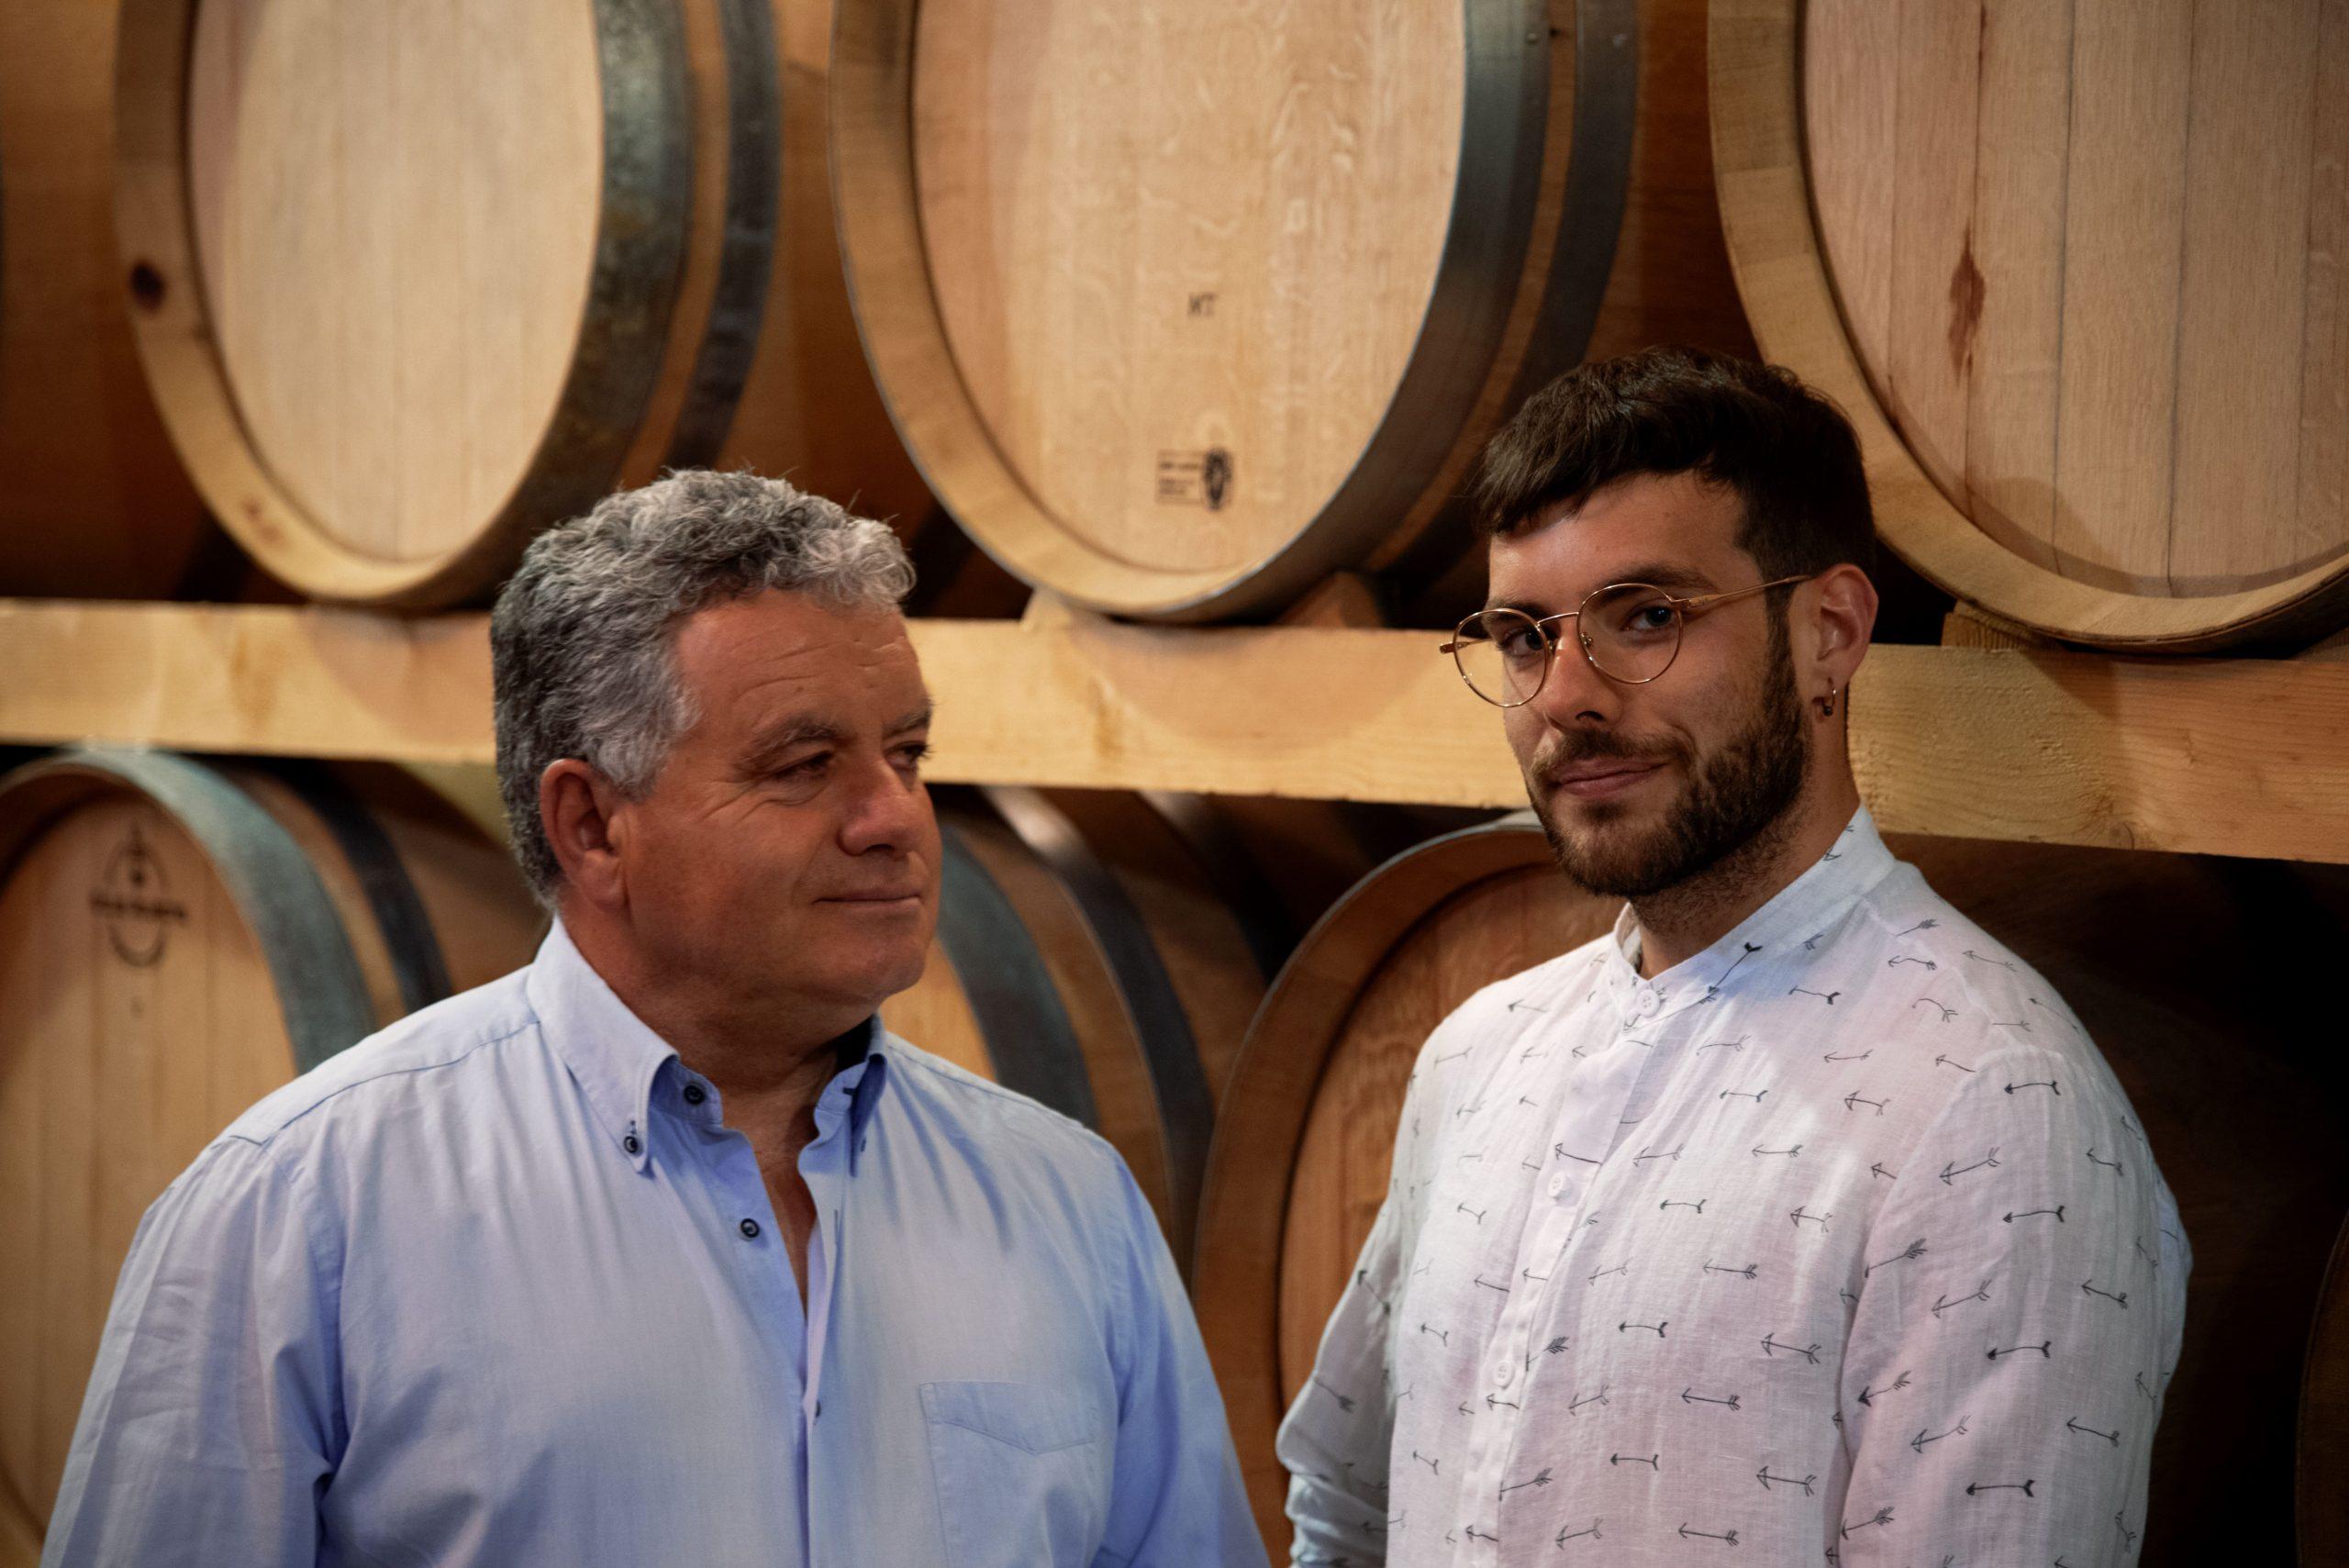 Luigi Frangiosa La Ciarliana Montepulciano